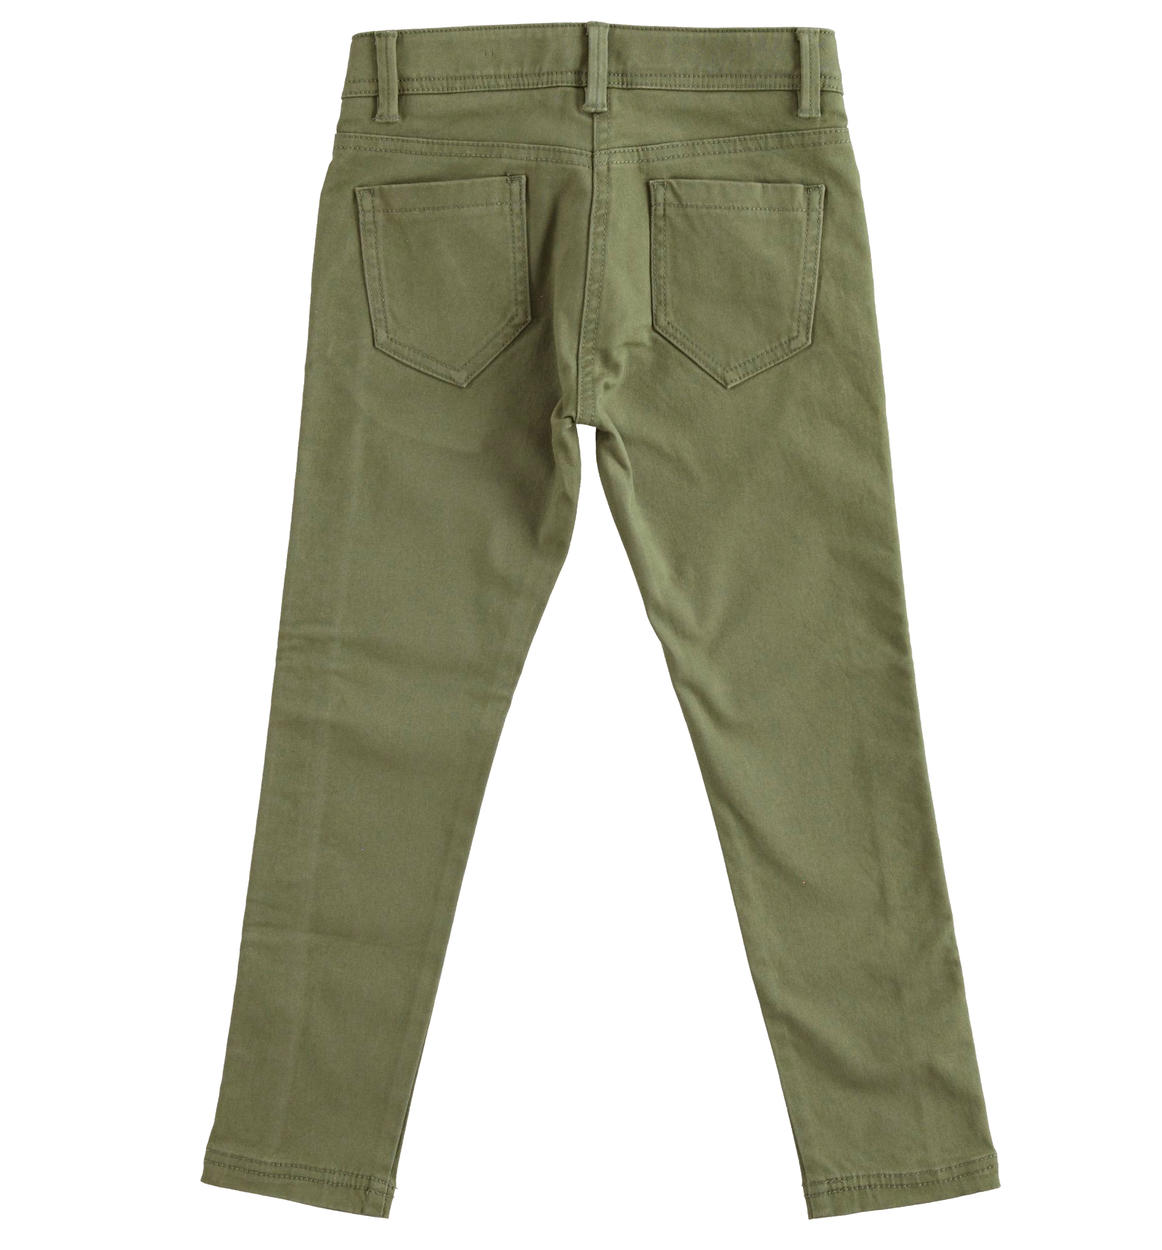 pantalone in twill di cotone stretch sme verde militare retro 02 2564k95900 5557 150x150